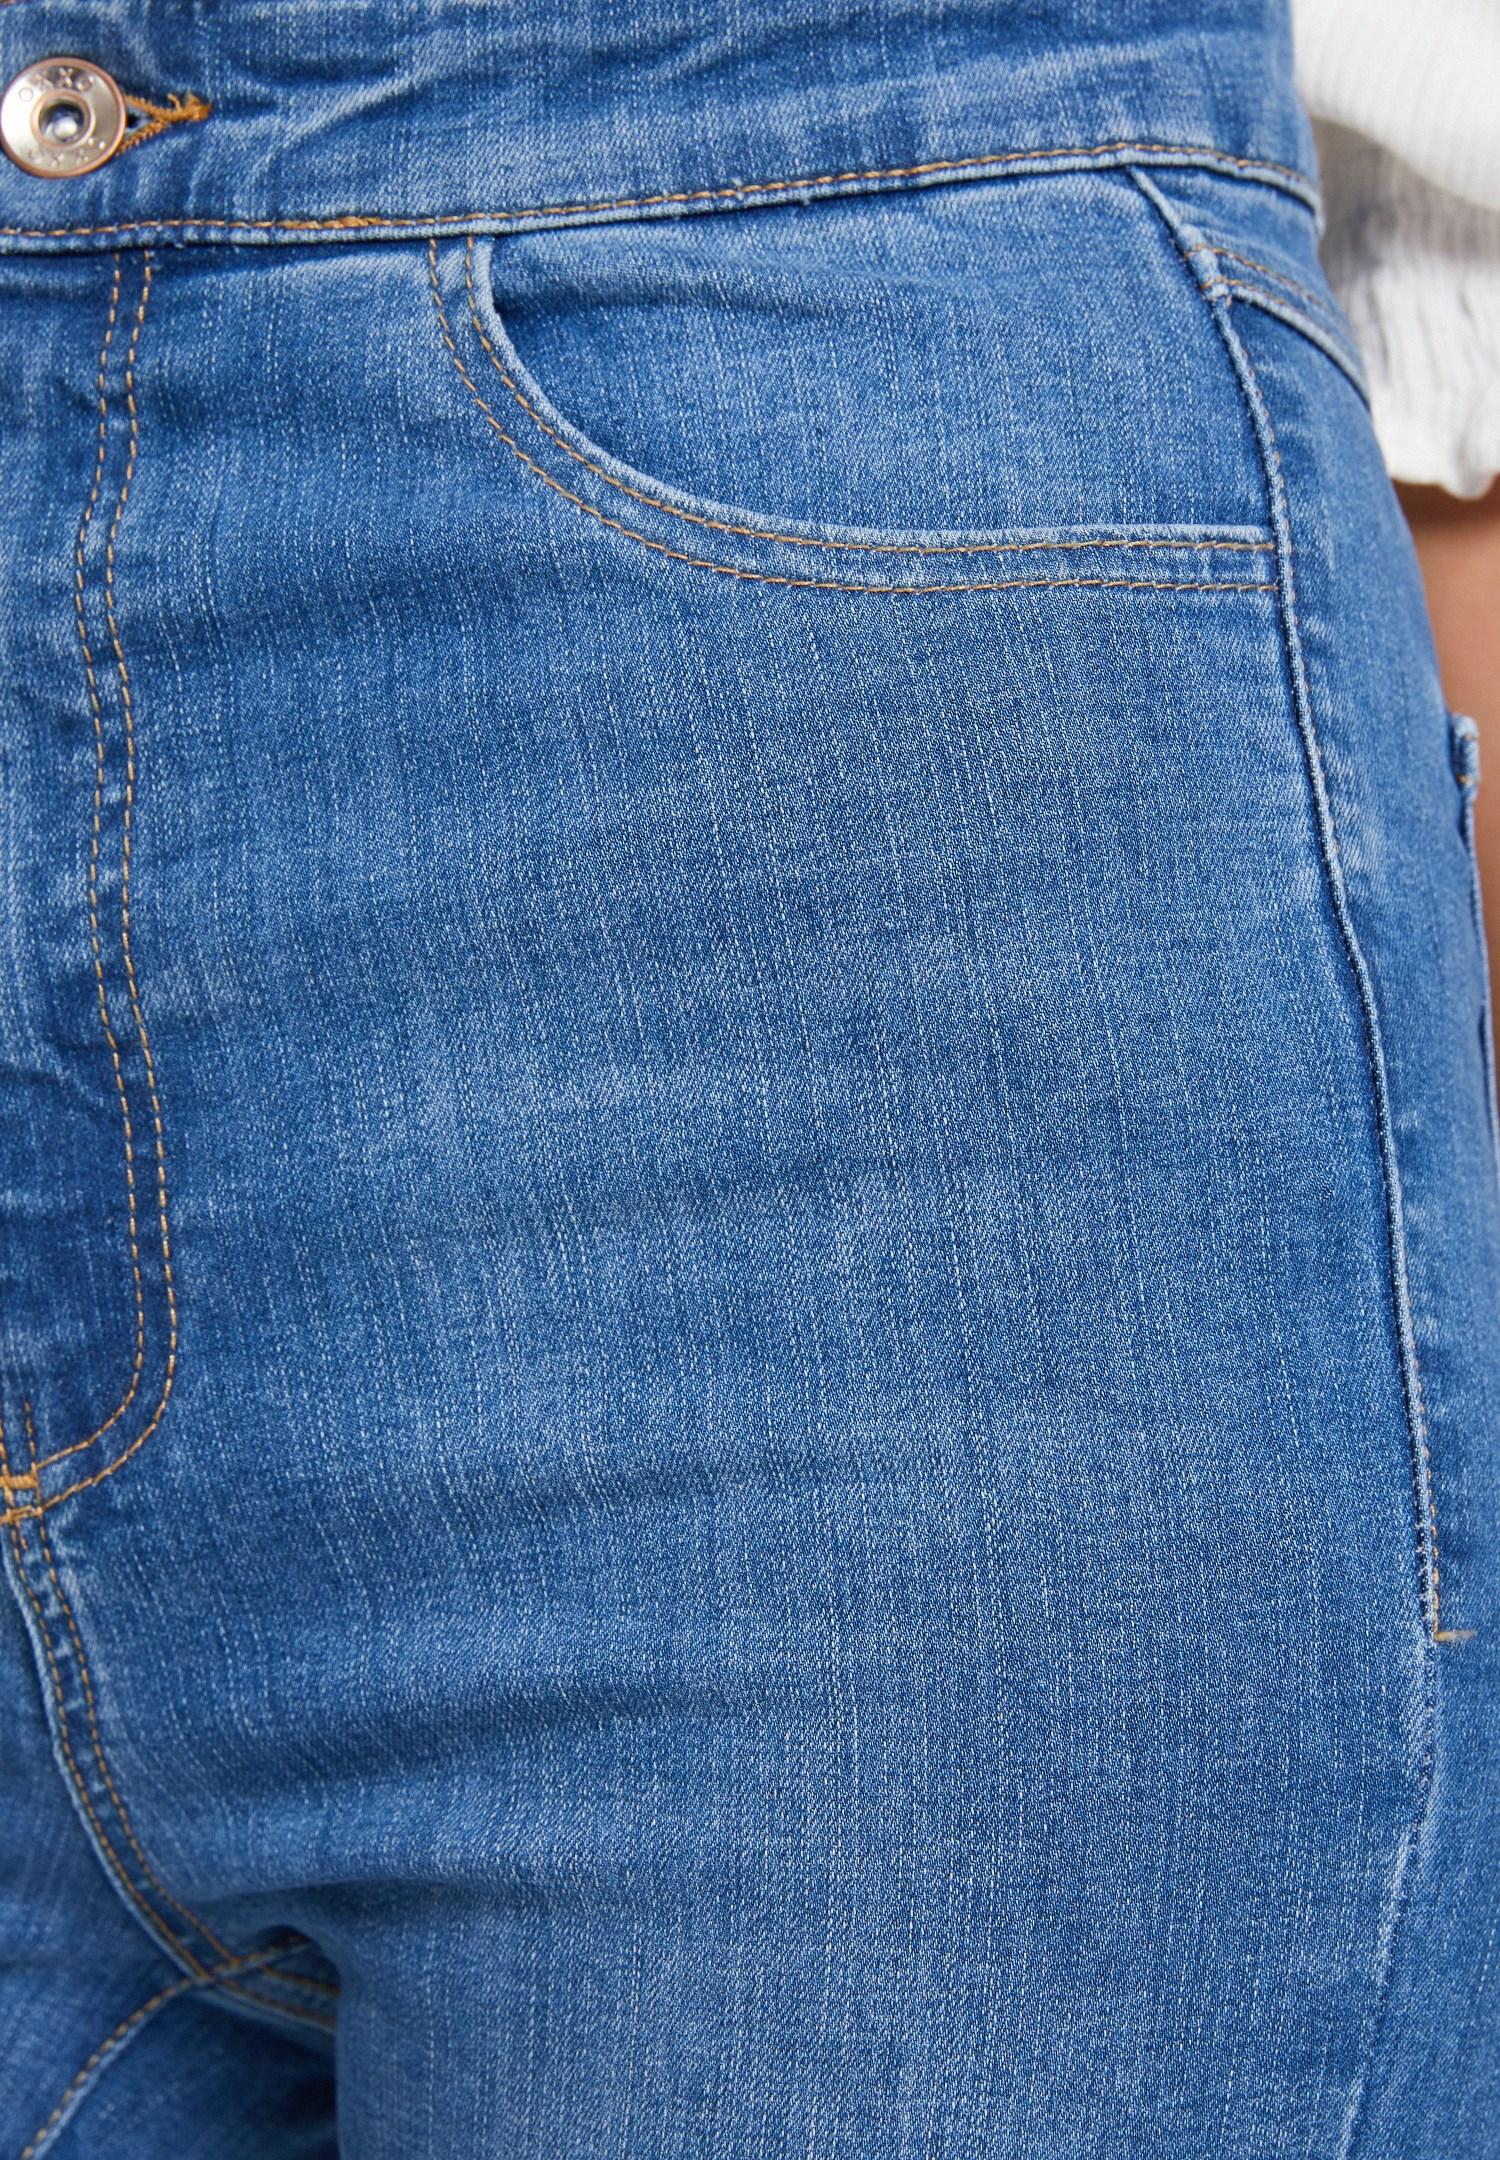 Women Blue High Waist Denim Pants with Cuff Details